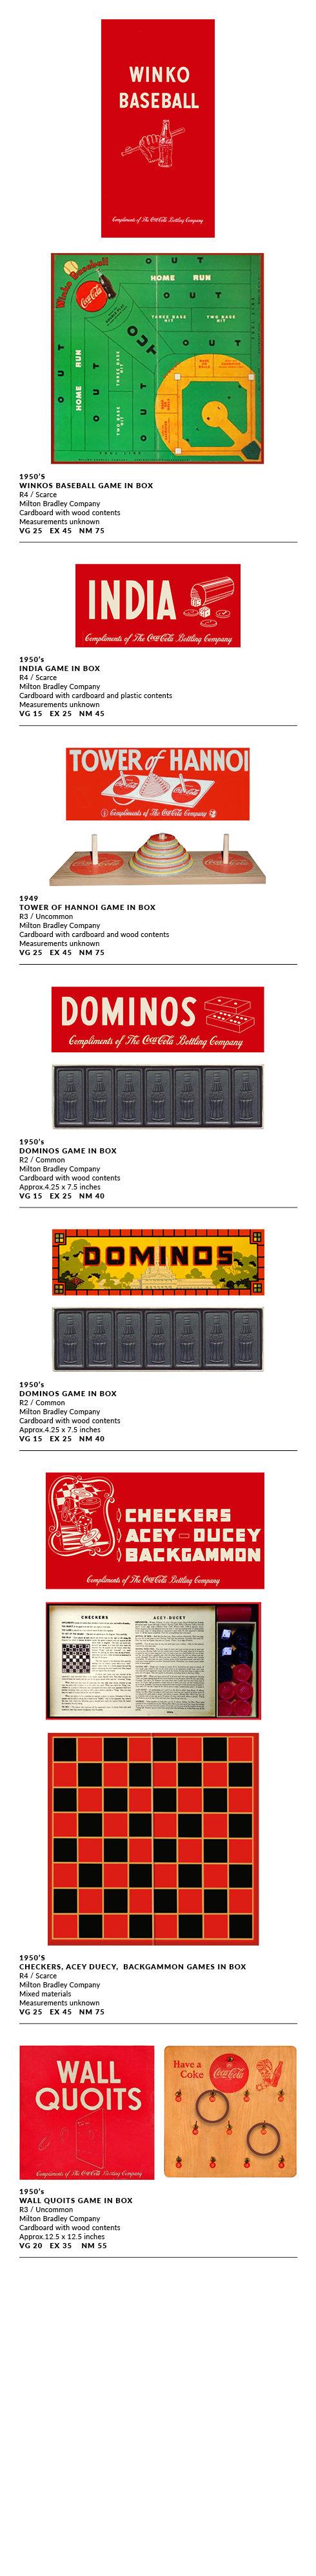 Games3.jpg